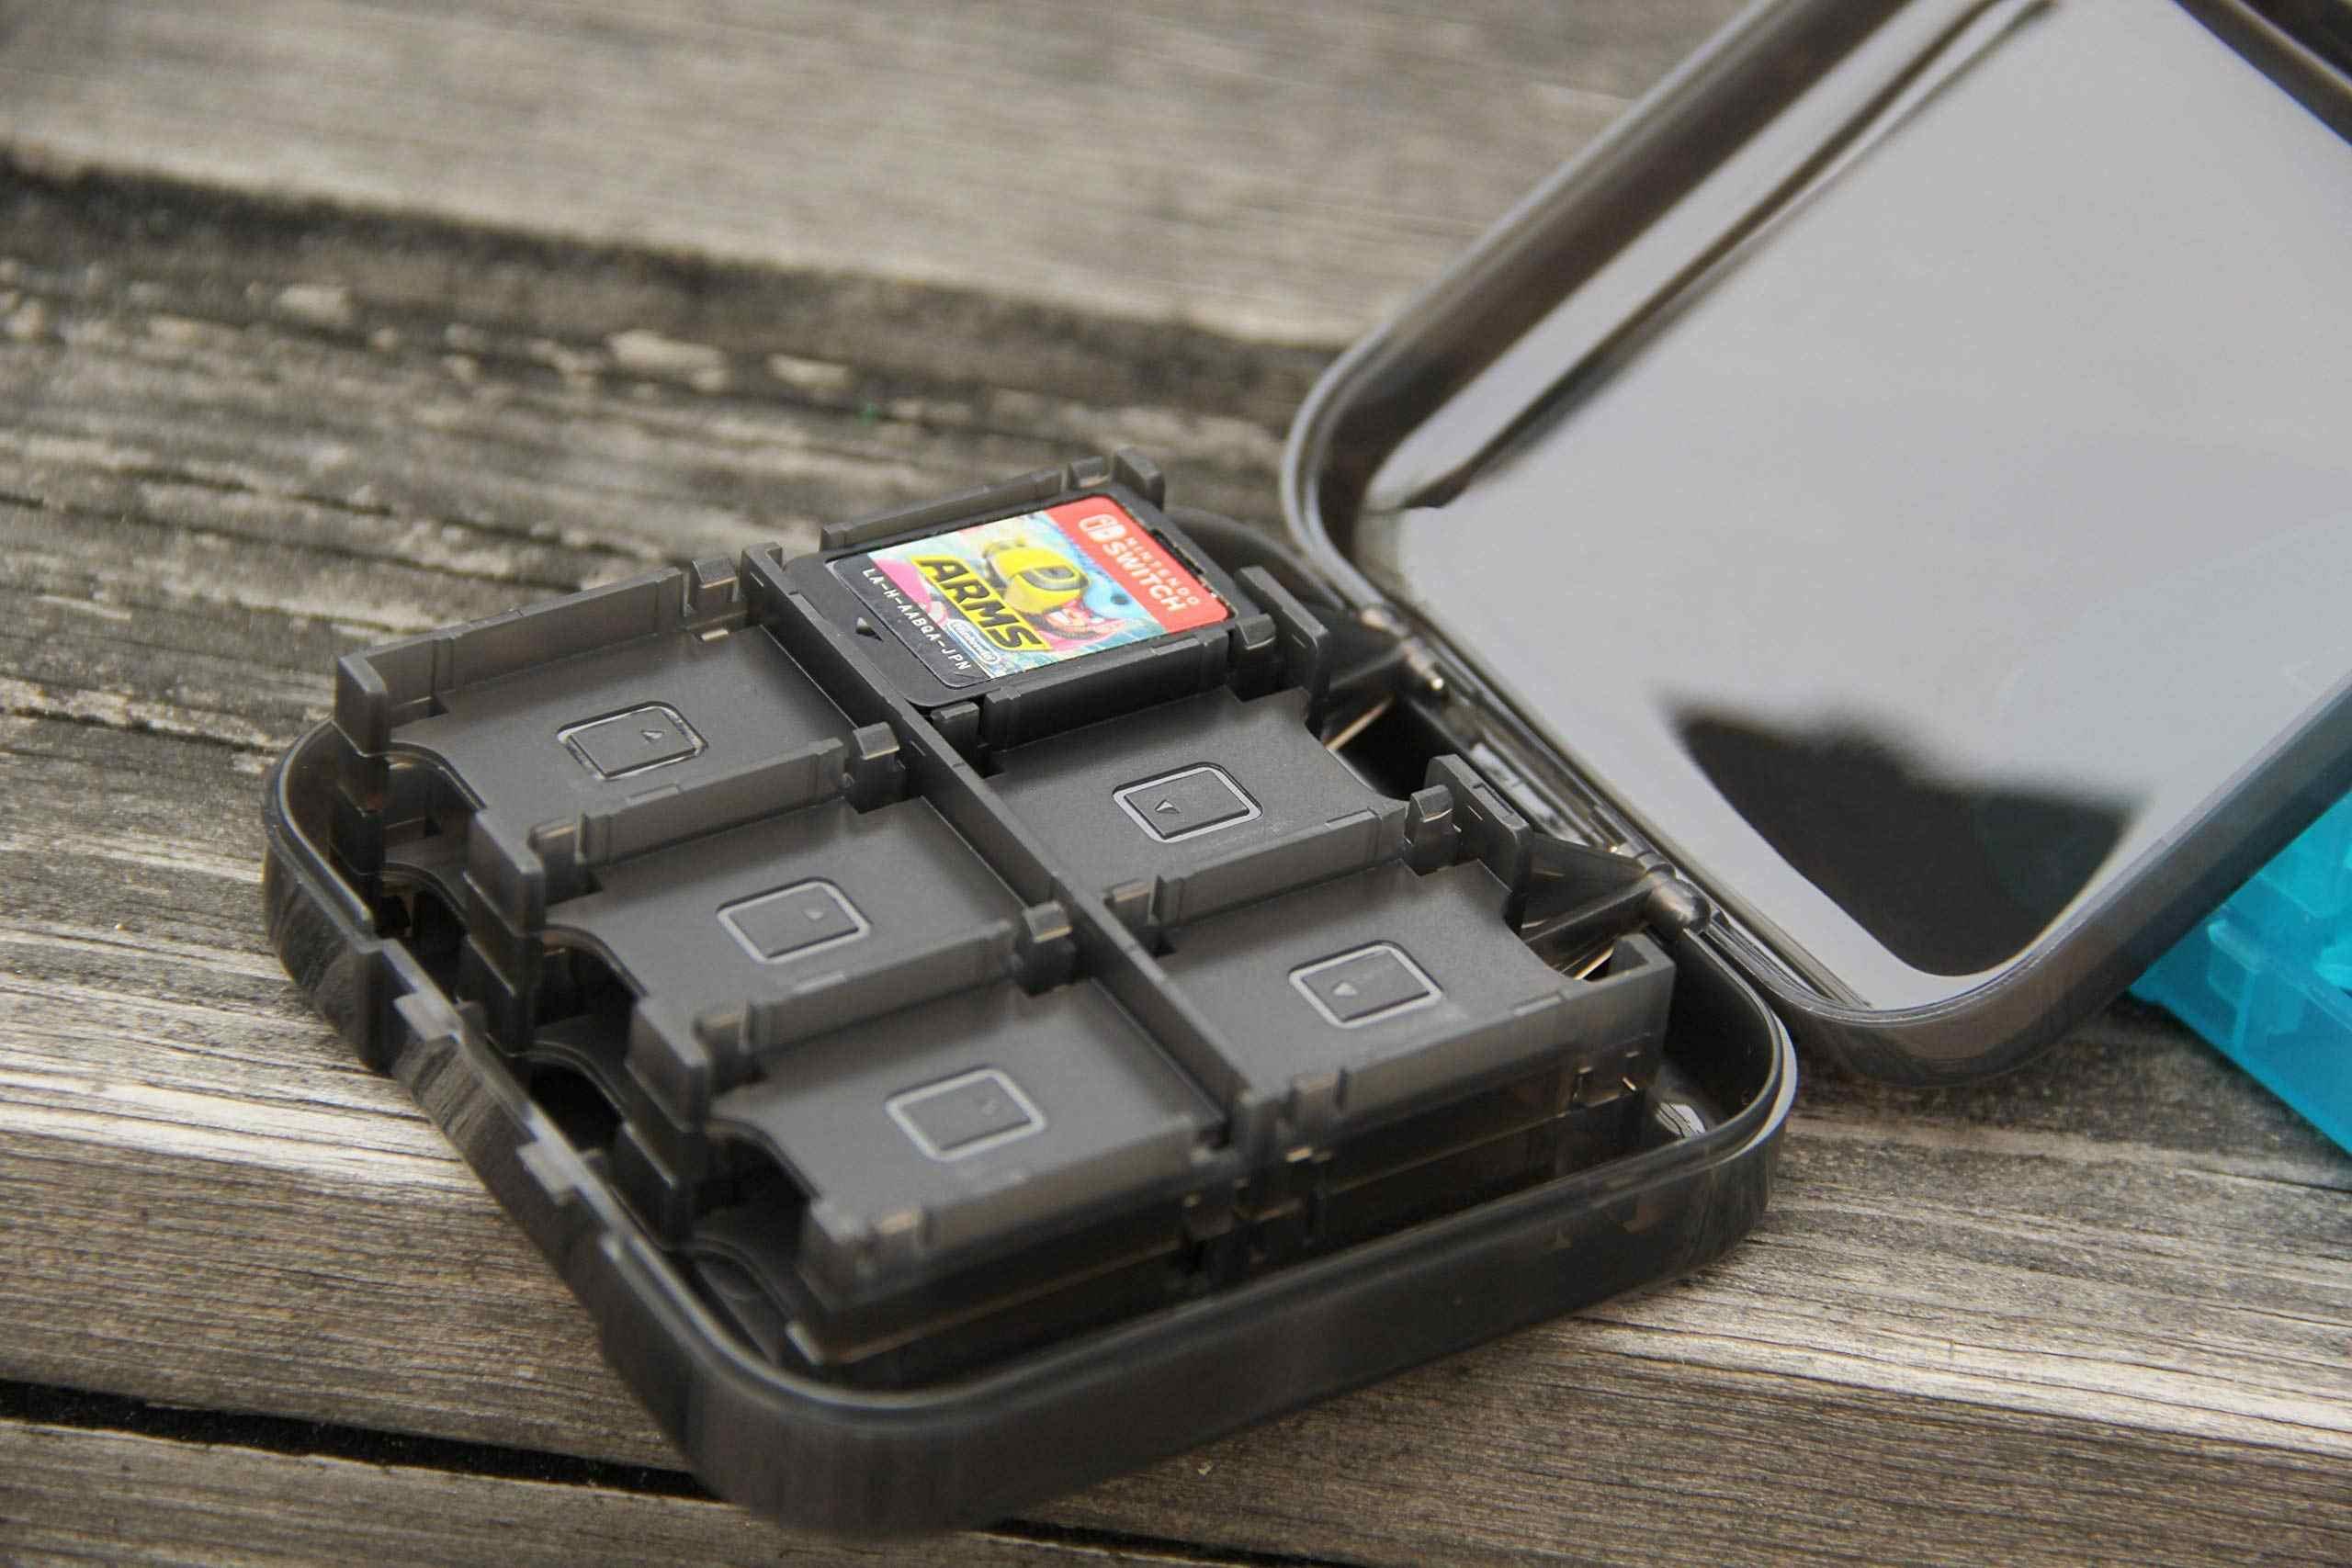 Estuche de tarjetas de juego Nintend, Mini estuche rígido portátil para Nintendo Switch, interruptor de accesorios de viaje, caja de almacenamiento de tarjetas de juego